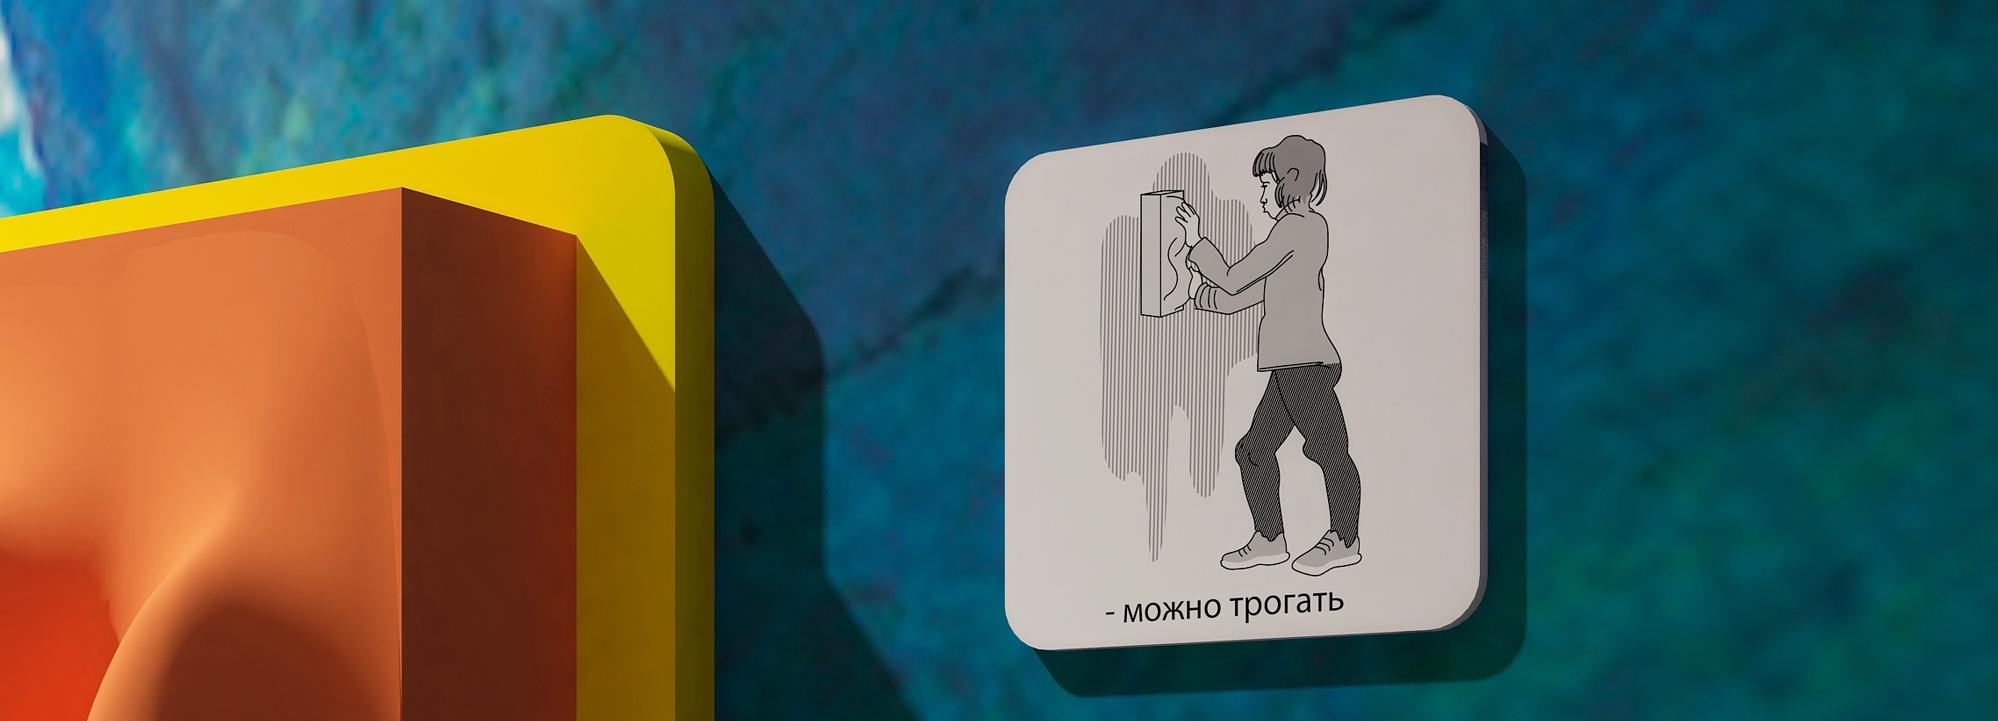 можно трогать навигация сенсорная комната